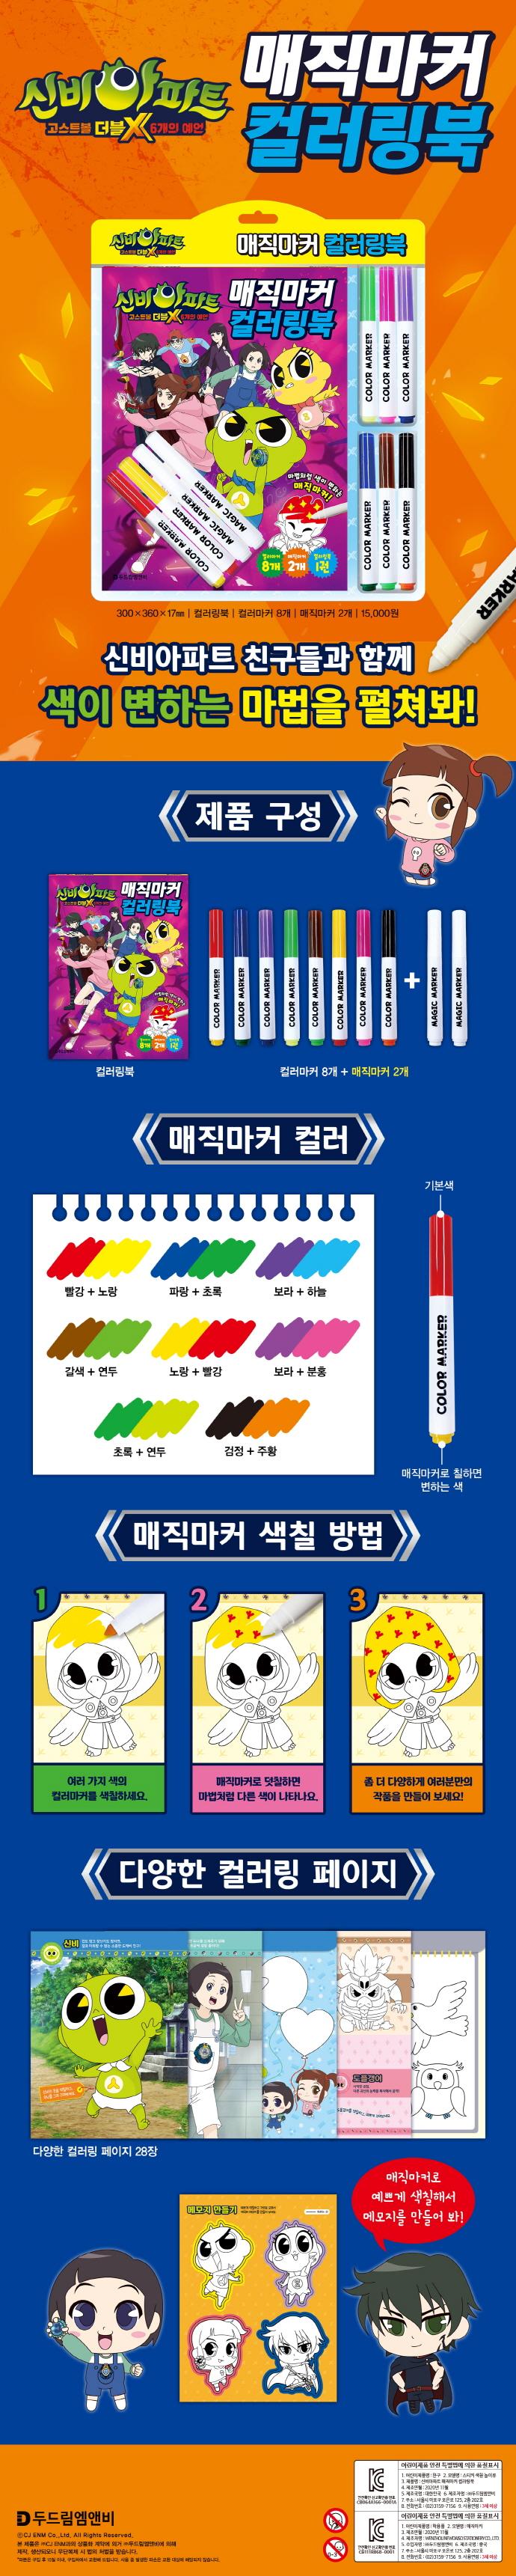 신비아파트 고스트볼 더블X 6개의 예언 매직마커 컬러링북 도서 상세이미지